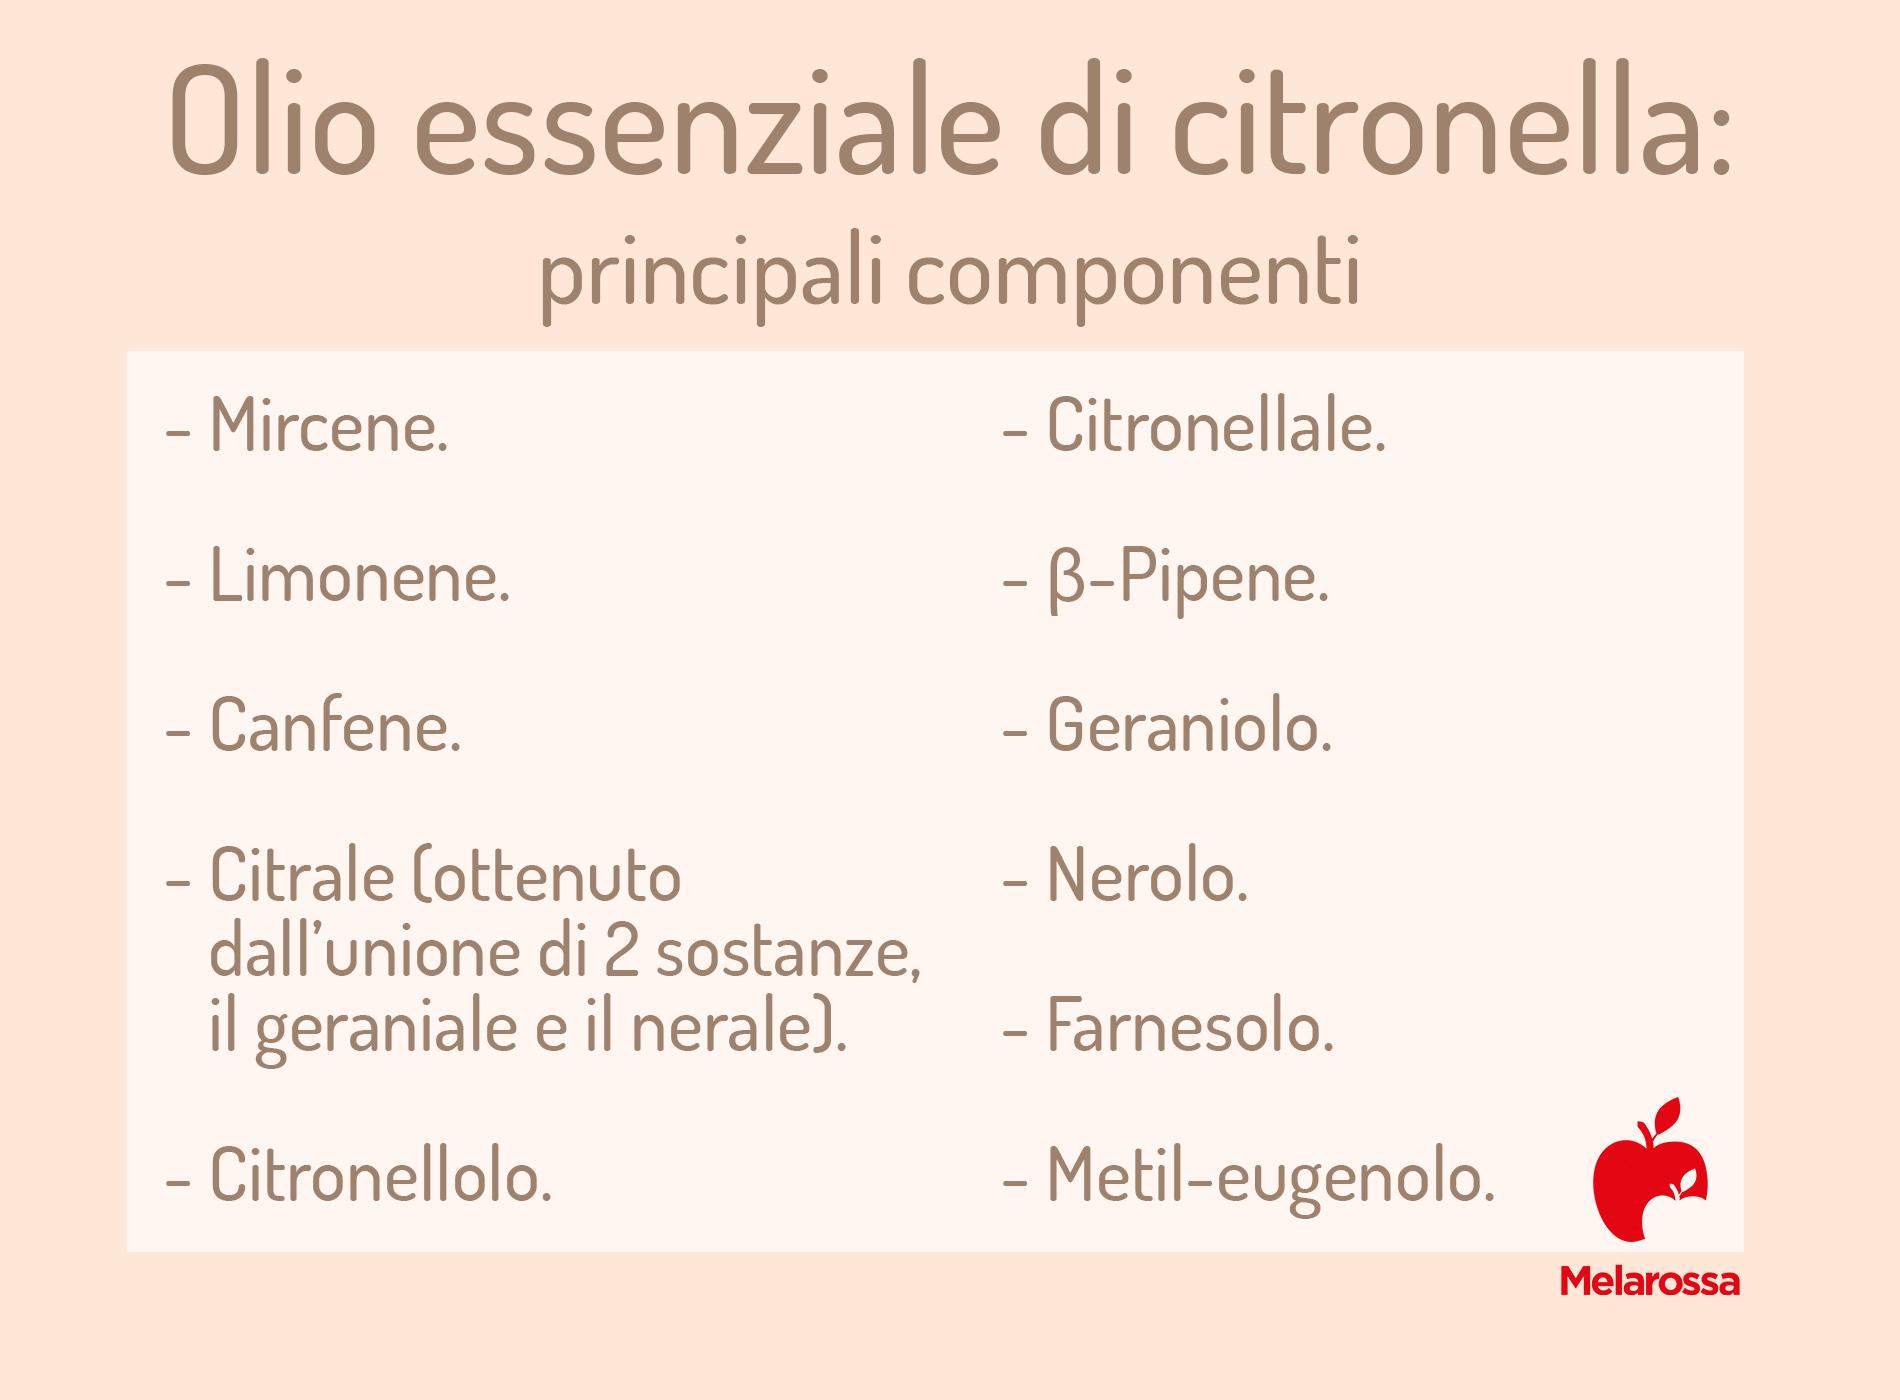 Citronella: principali componenti degli oli essenziali